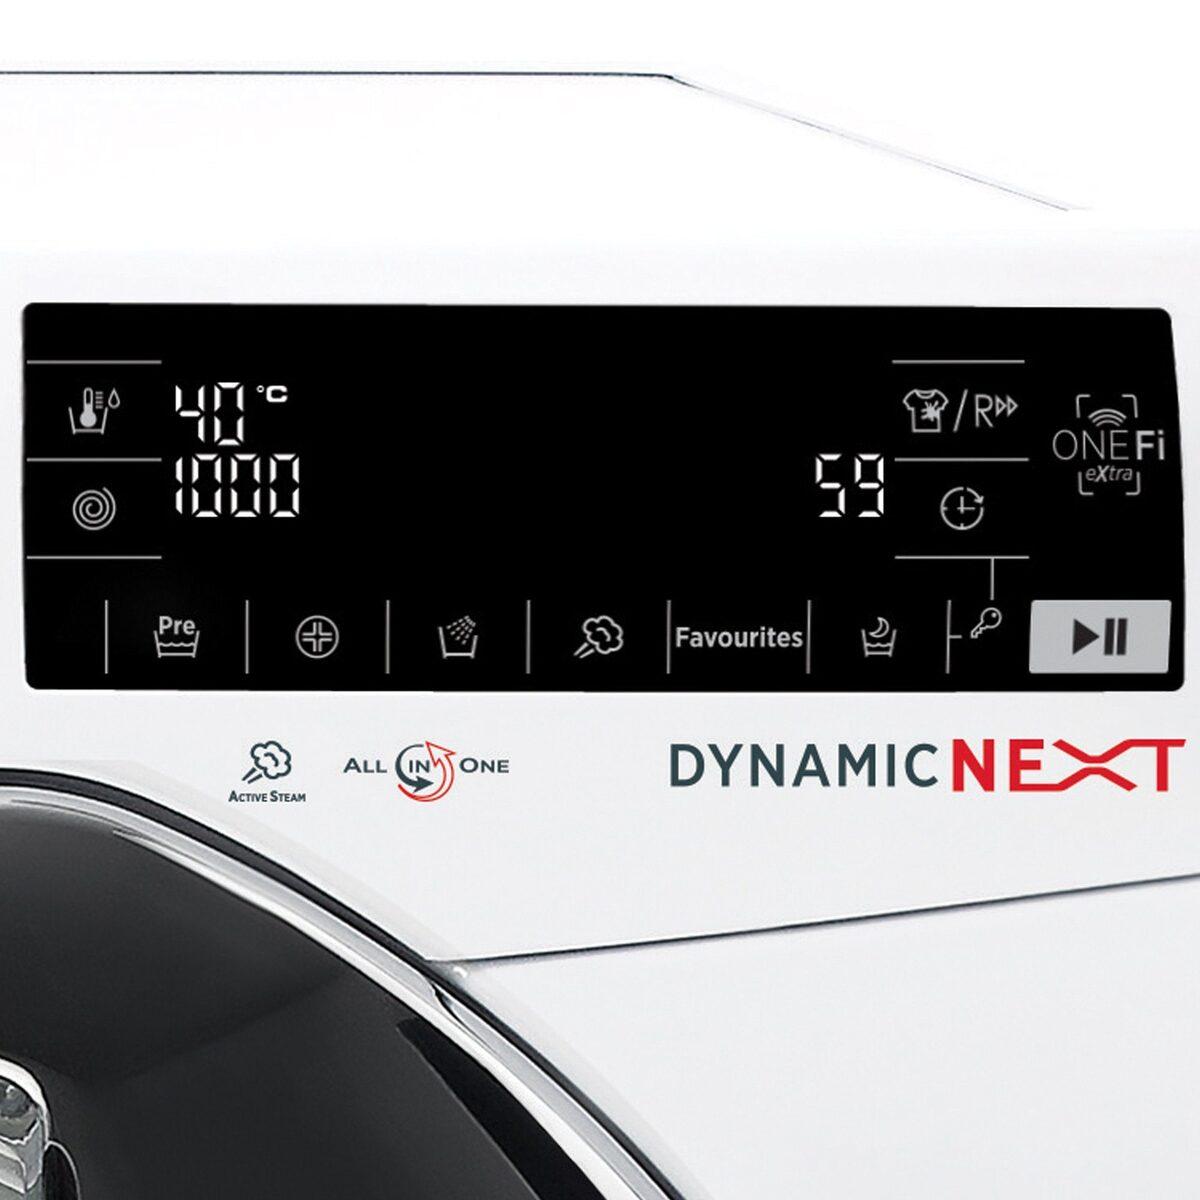 Bild 4 von Hoover Waschmaschine DWOT 611AHC3/1-S, 11 kg, 1600 U/Min, Invertermotor, Mengenautomatik, All in One 59 min., NFC- und WiFi-Technologie